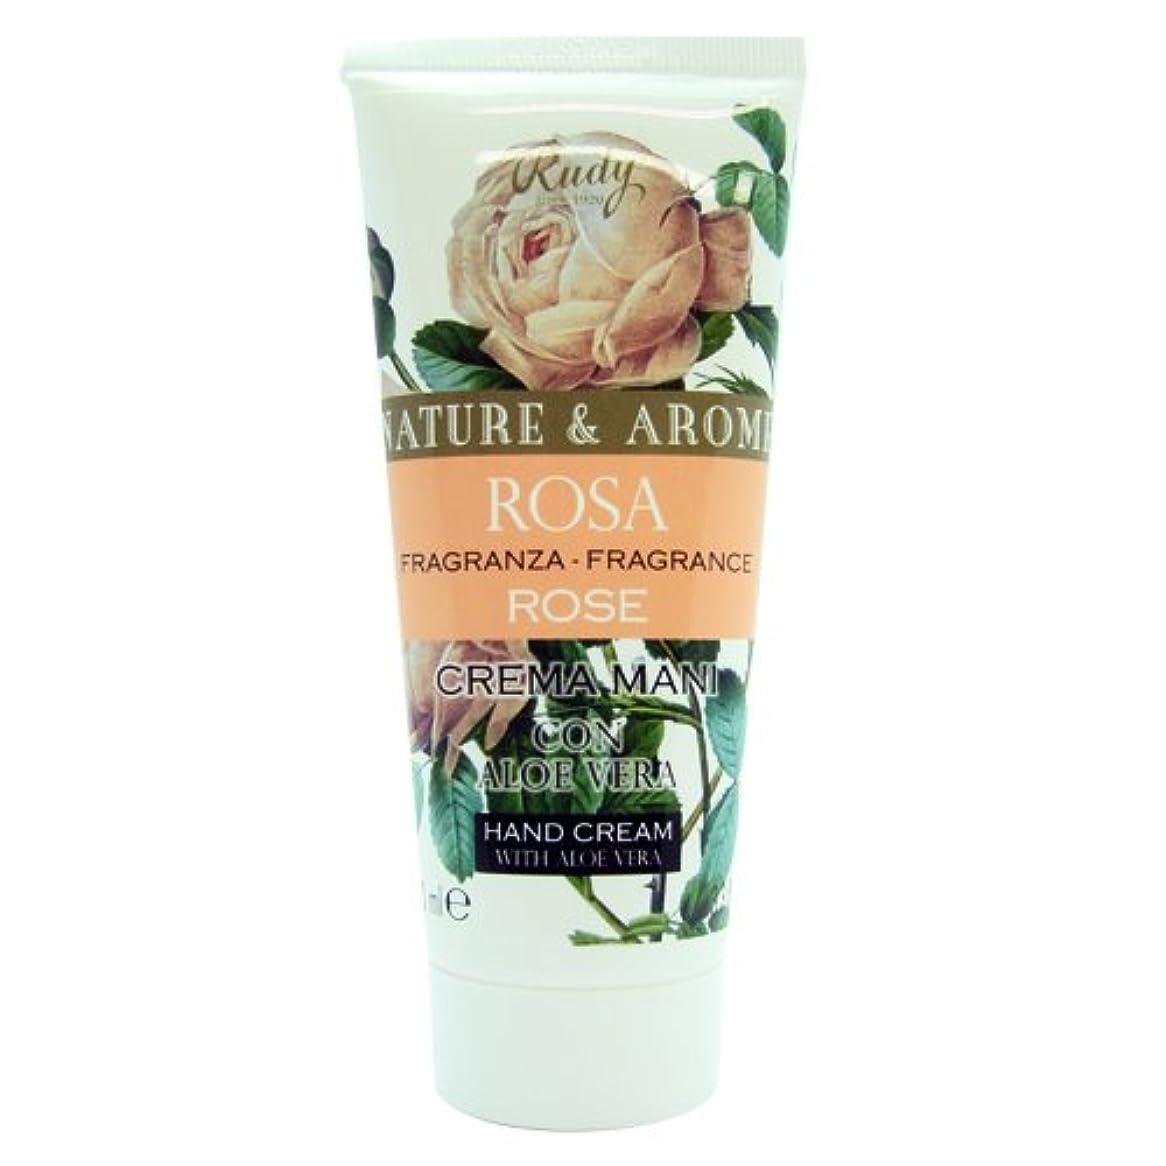 通行料金ブレンド怠けたRUDY Nature&Arome SERIES ルディ ナチュール&アロマ Hand Cream ハンドクリーム Rose ローズ